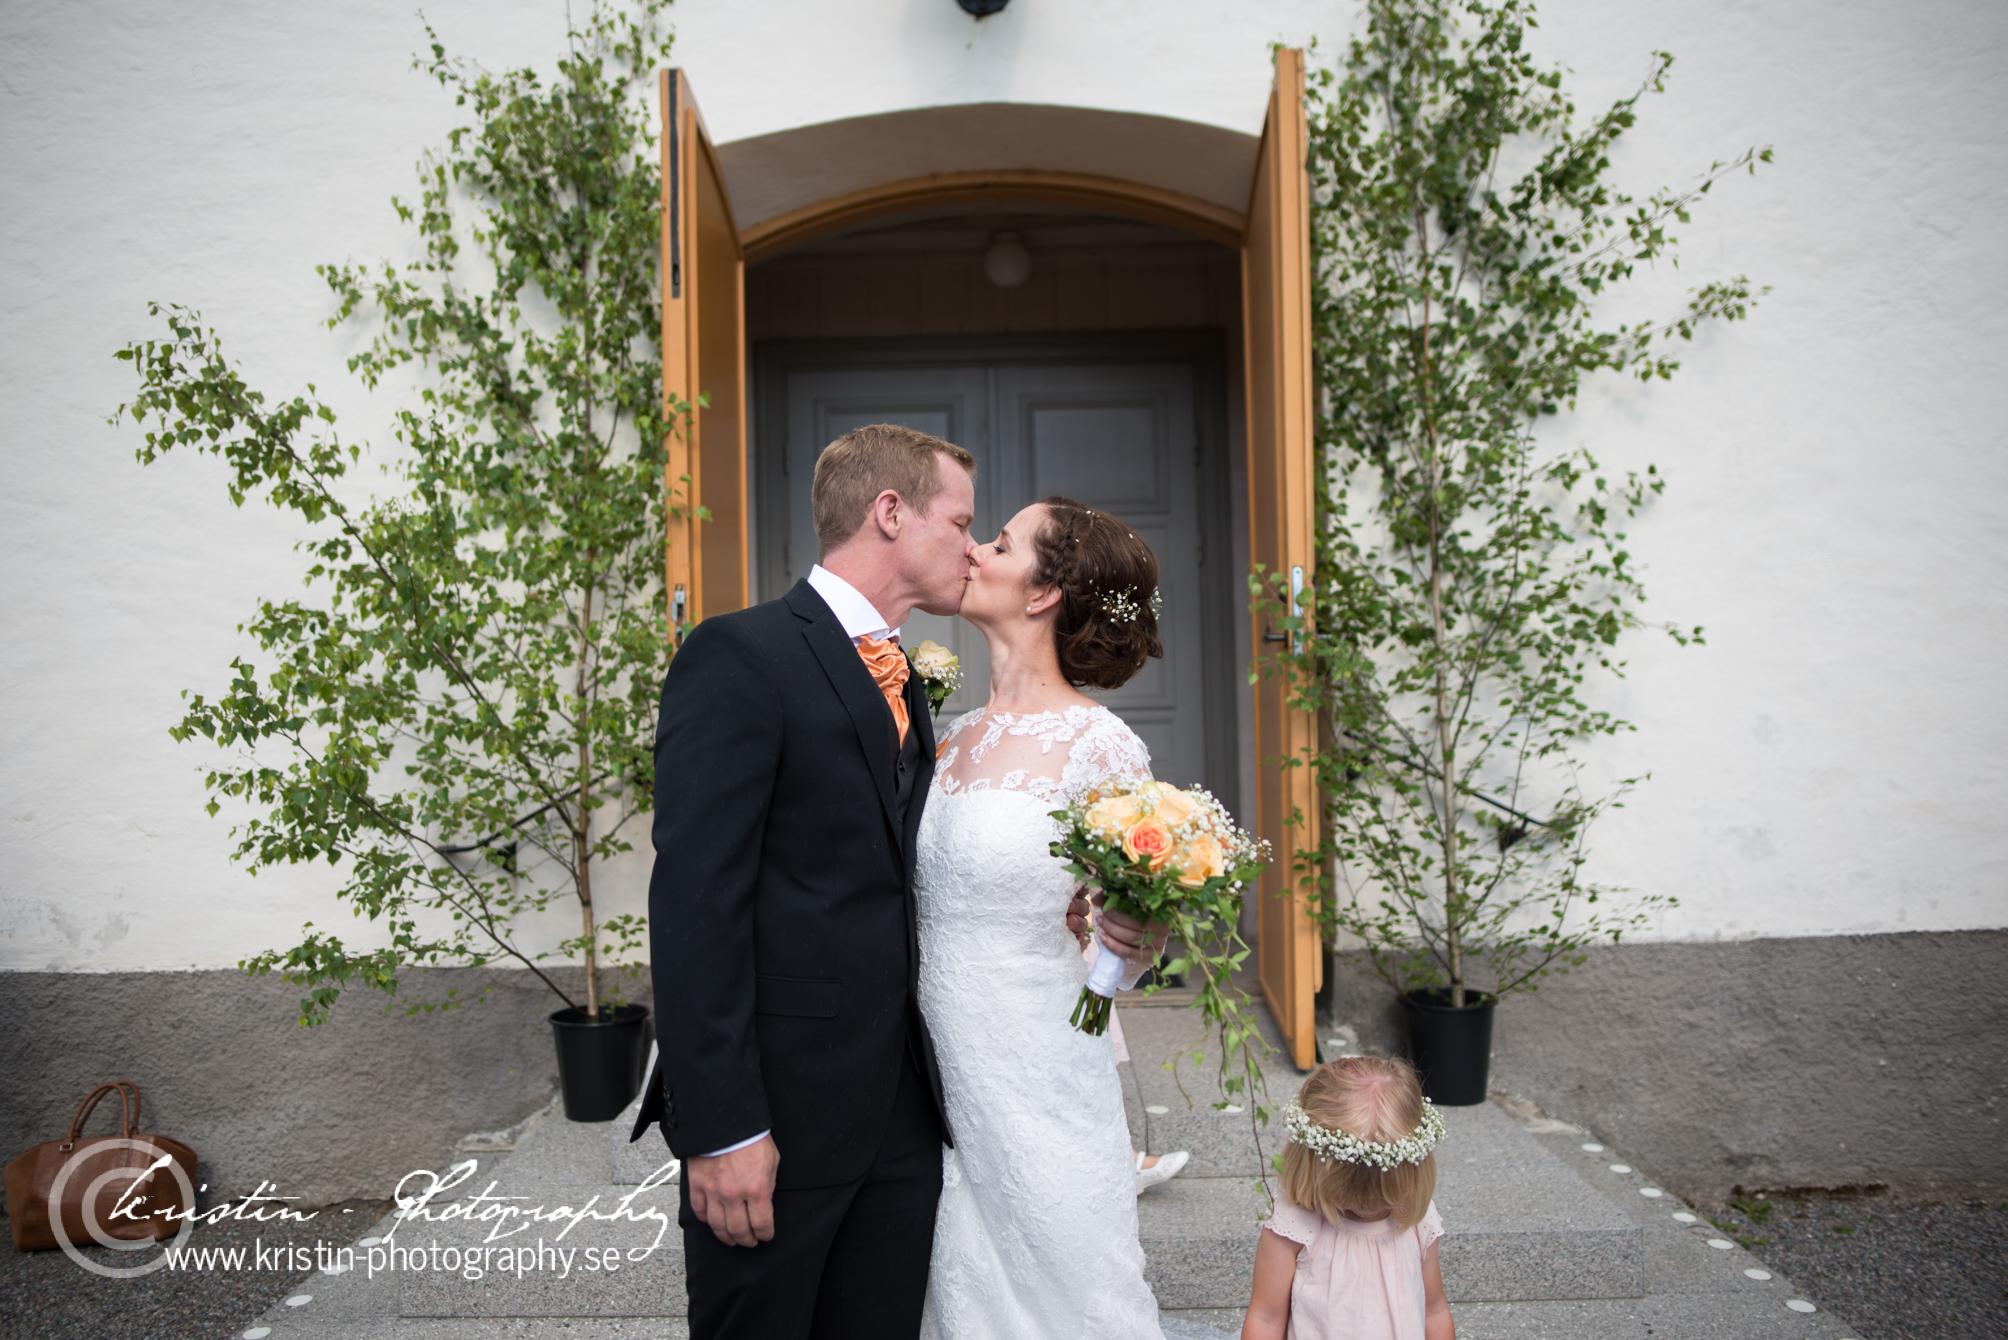 Bröllopsfotograf i Eskilstuna, Kristin - Photography, weddingphotographer -156.jpg